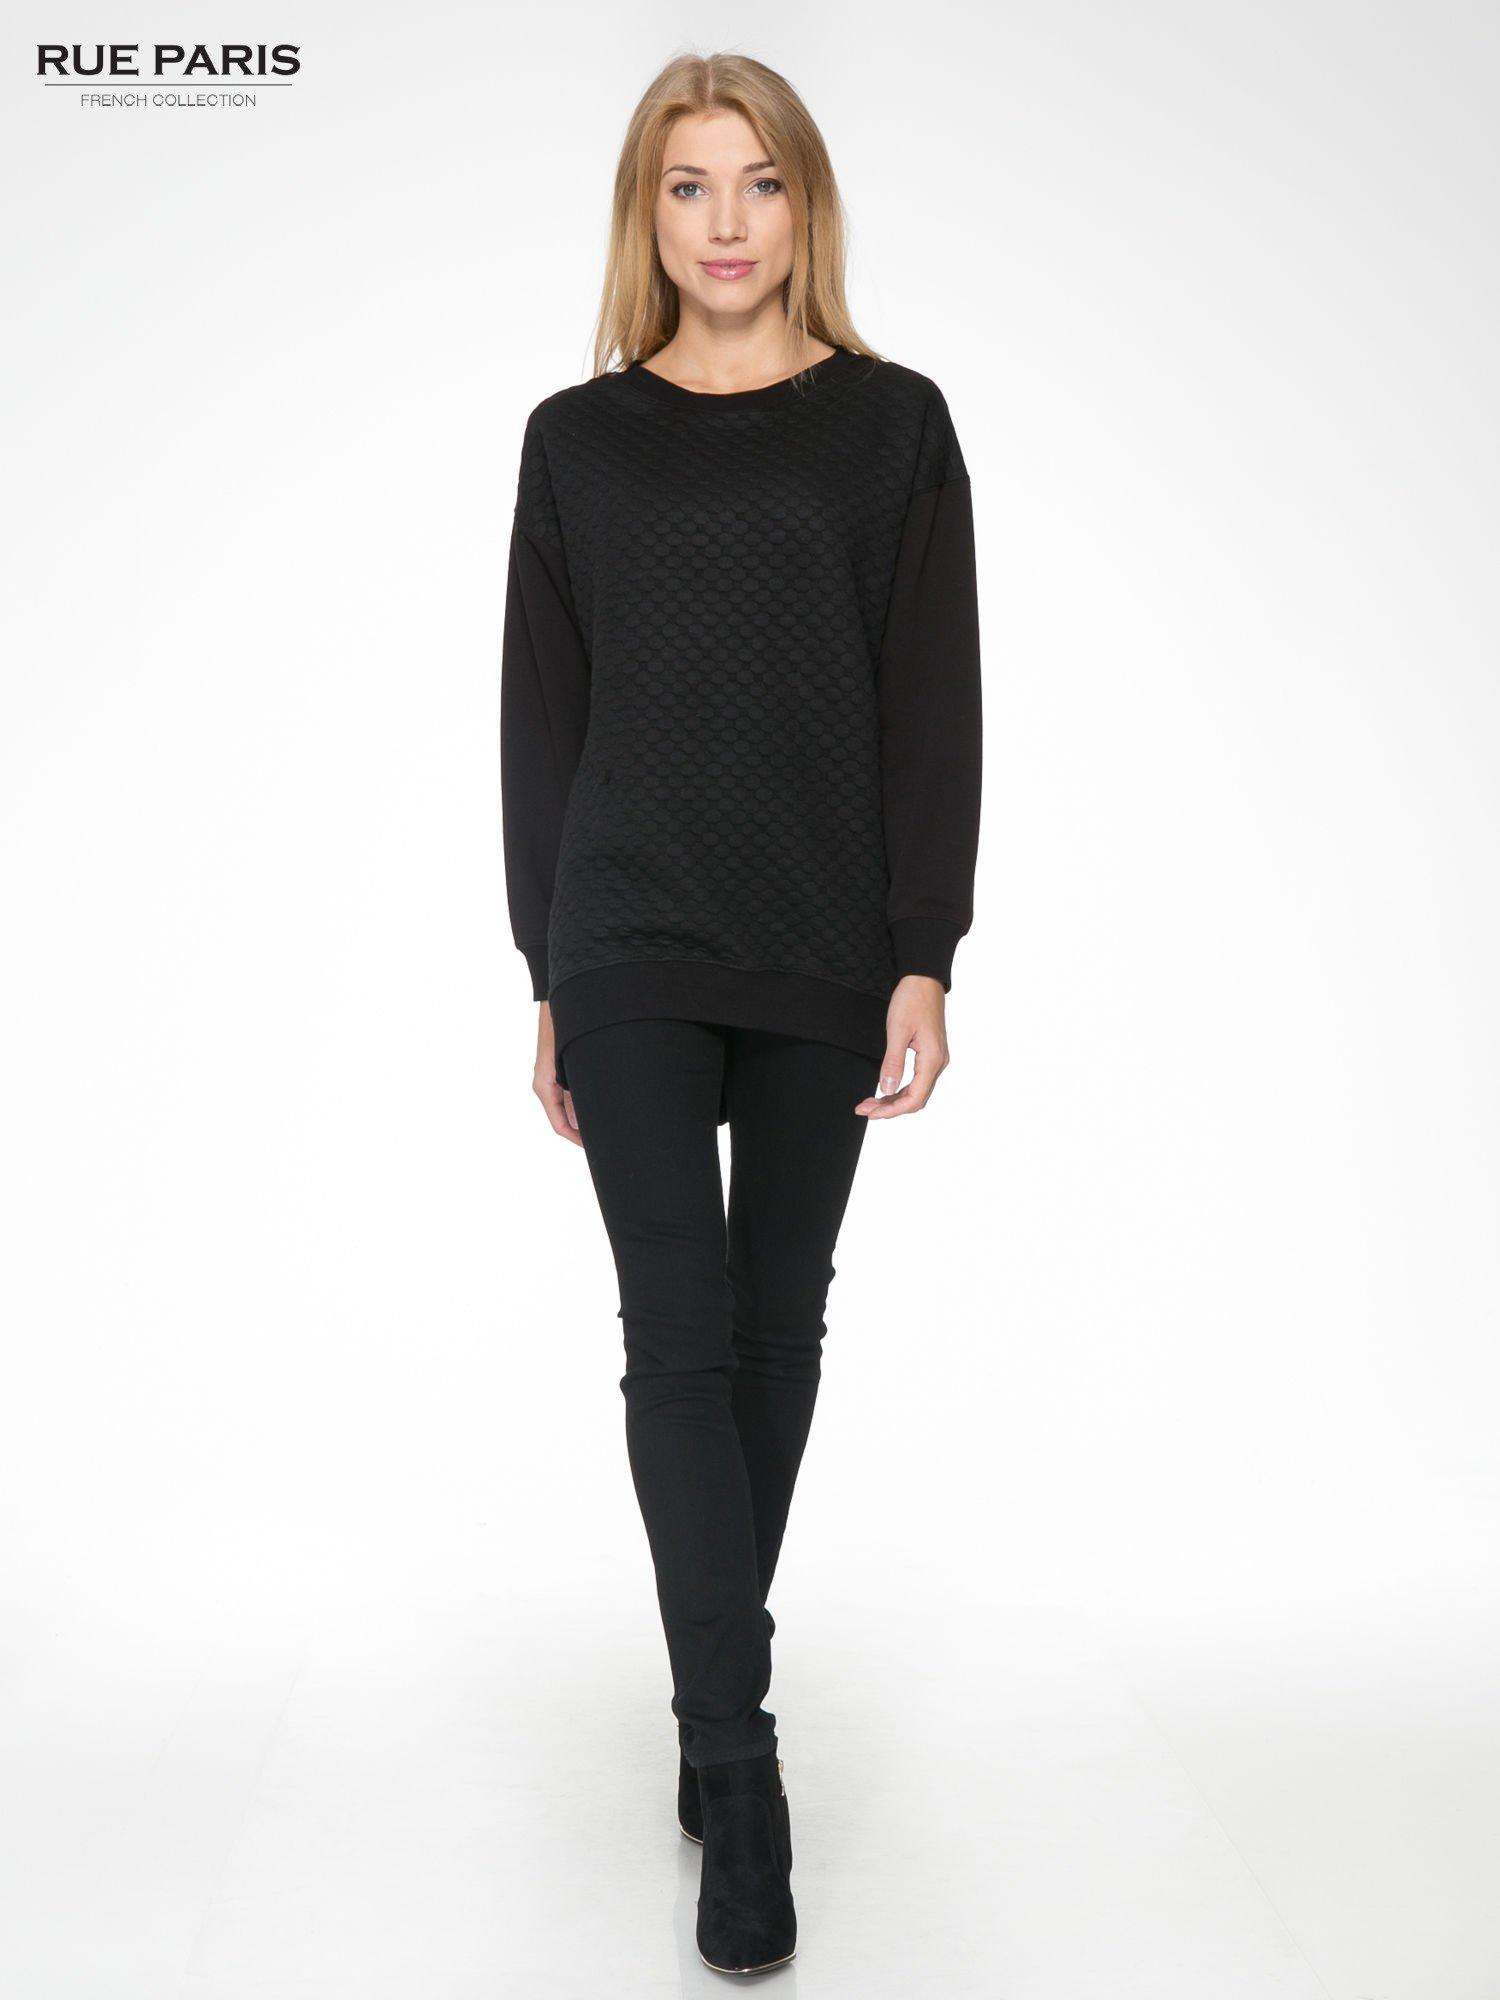 Czarna bluza z luźnymi rękawami o bąbelkowej fakturze                                  zdj.                                  2